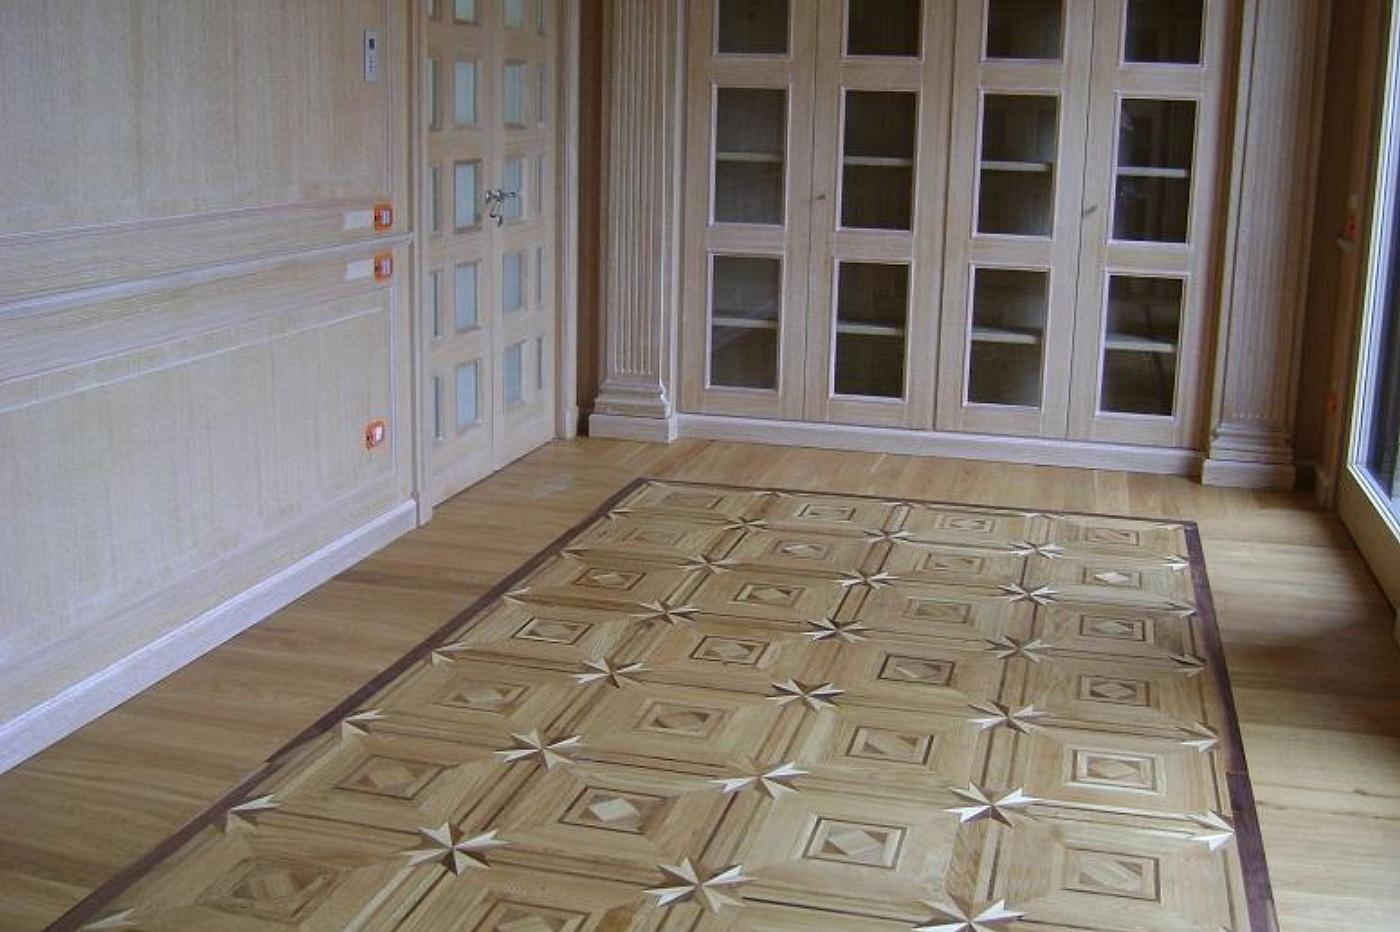 Sols interni di prestigio boiserie in legno - Rivestimento in legno per pareti interne ...